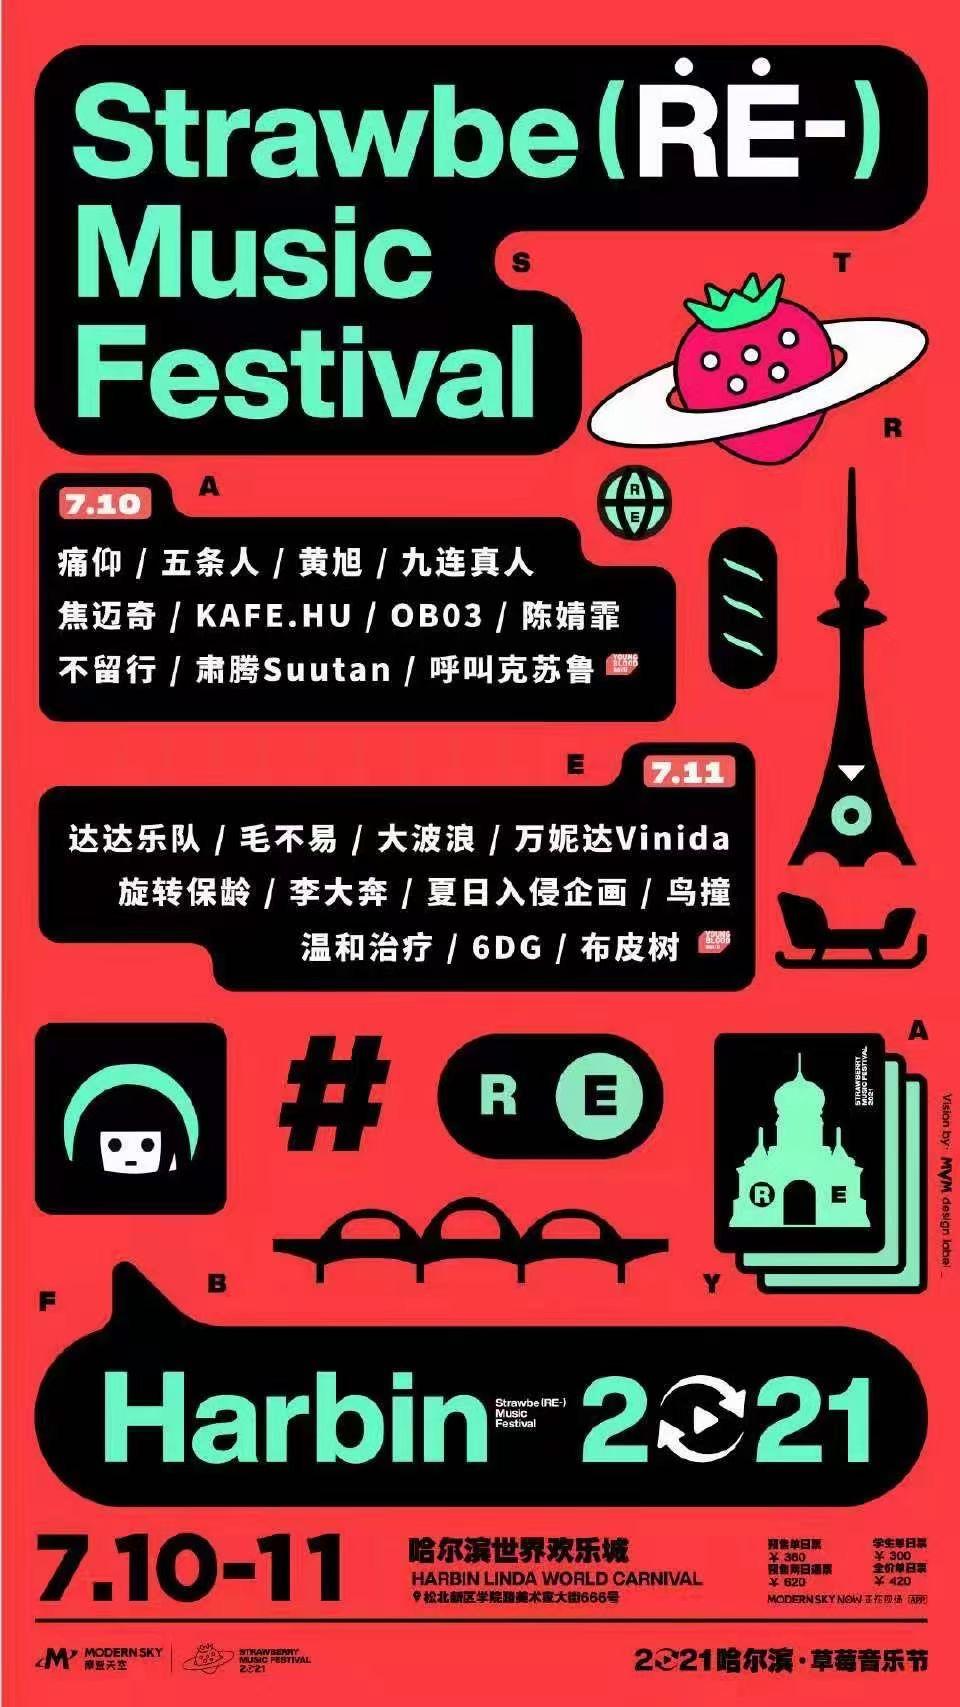 2021哈尔滨草莓音乐节阵容介绍及门票购买